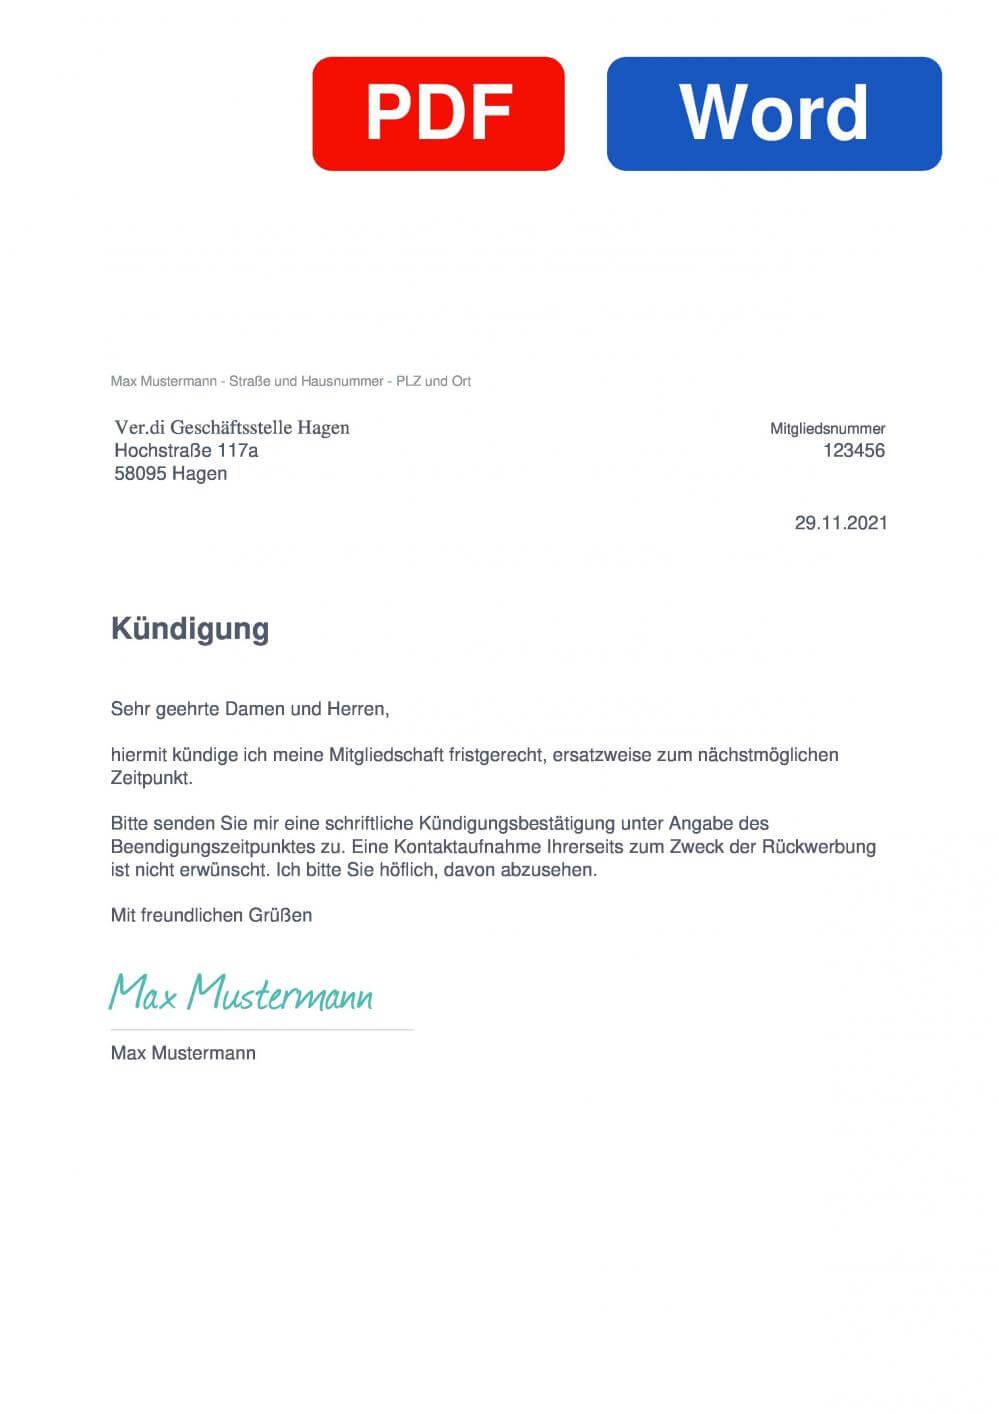 Verdi Hagen Muster Vorlage für Kündigungsschreiben